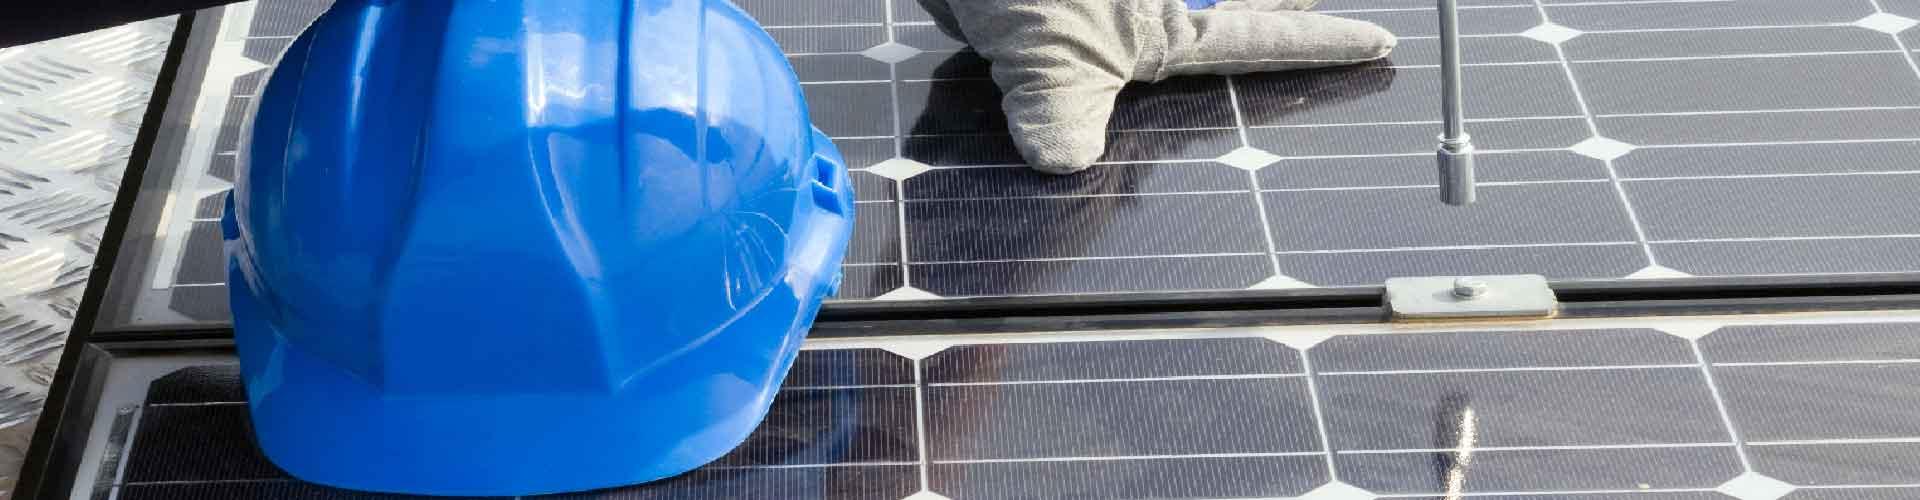 Dépannage photovoltaique